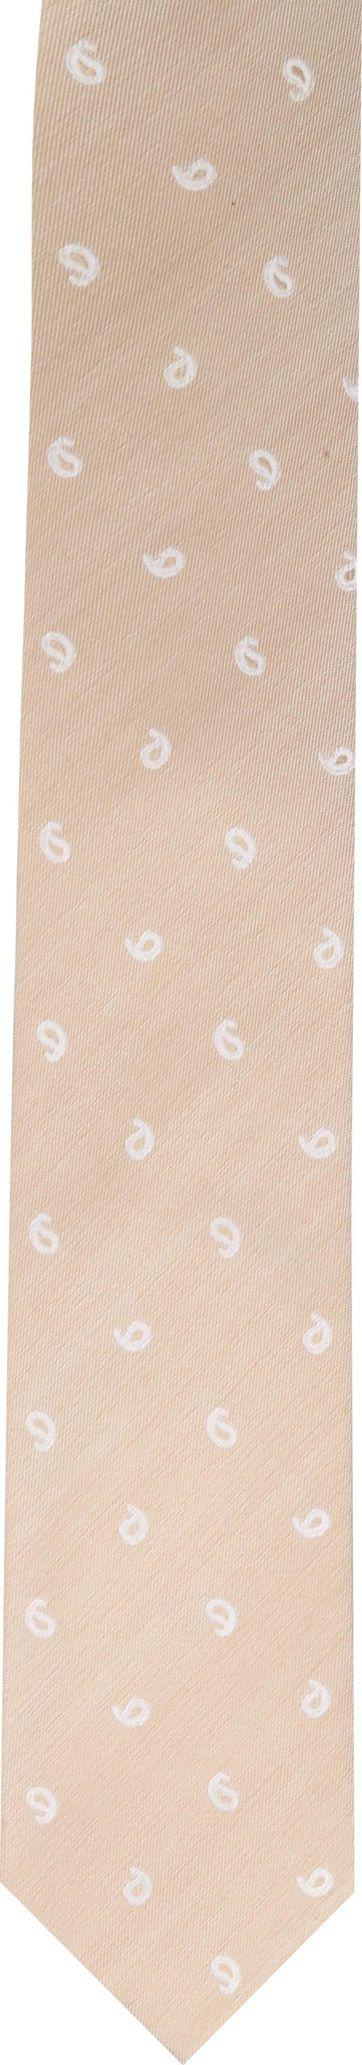 Suitable Tie Light Beige F01-29